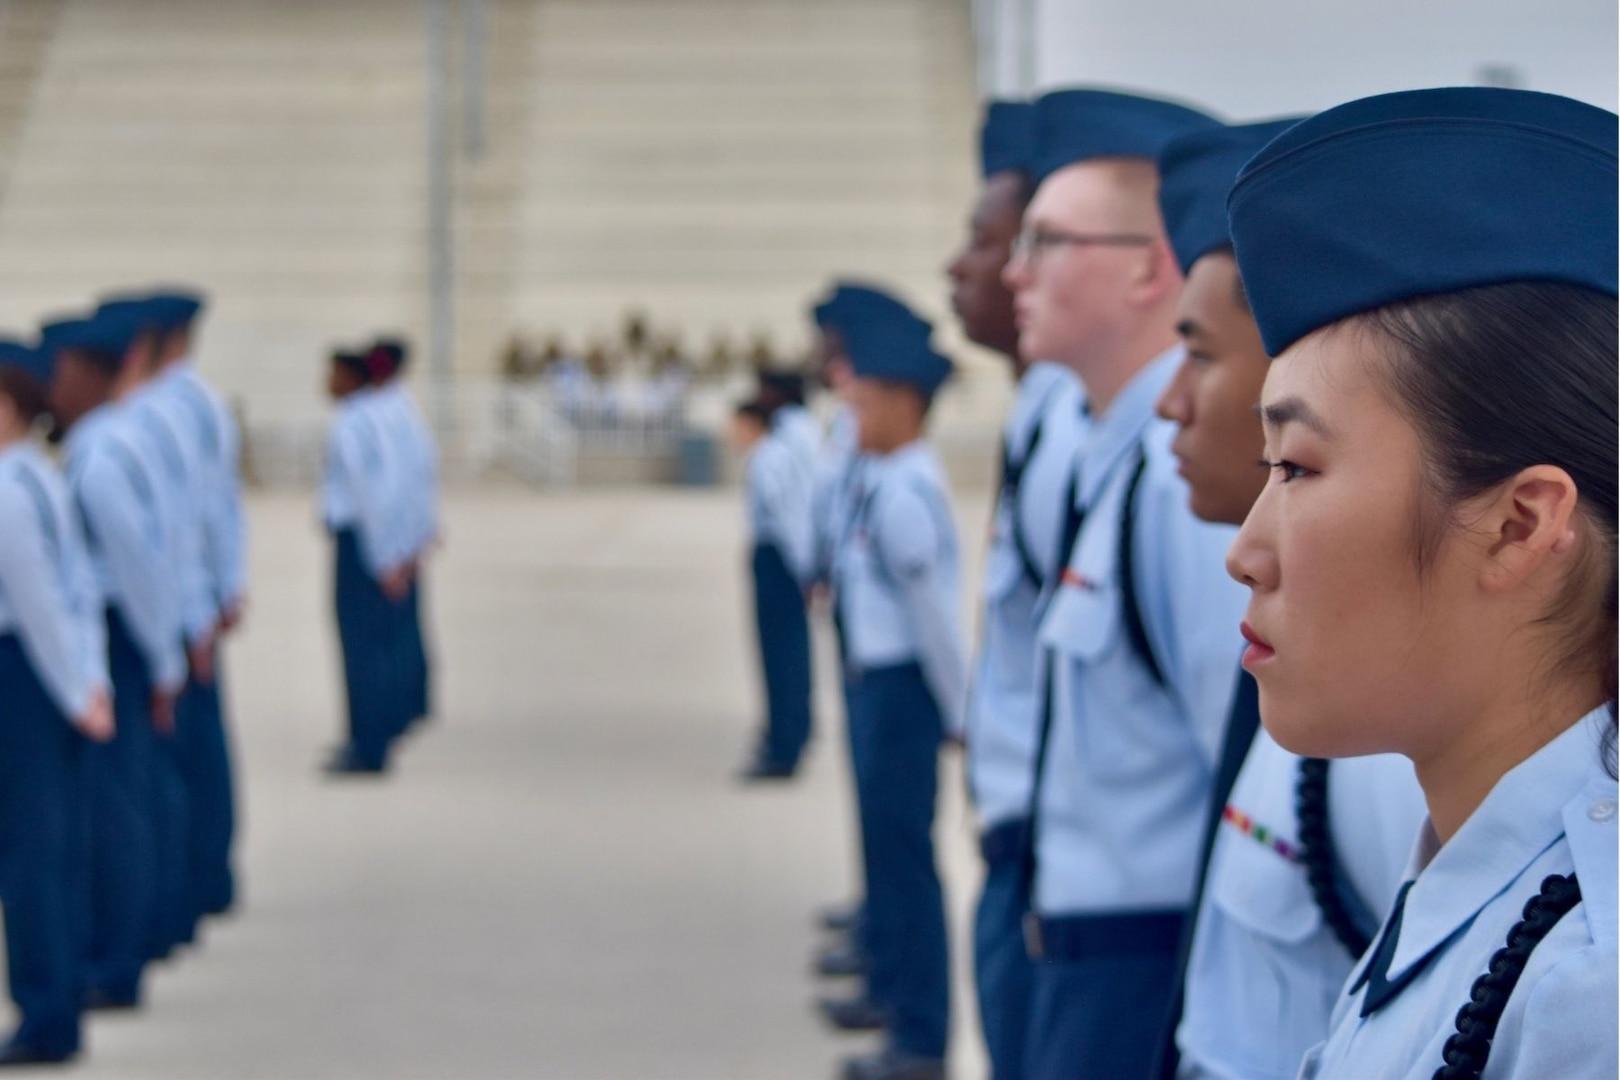 Airmen in formation